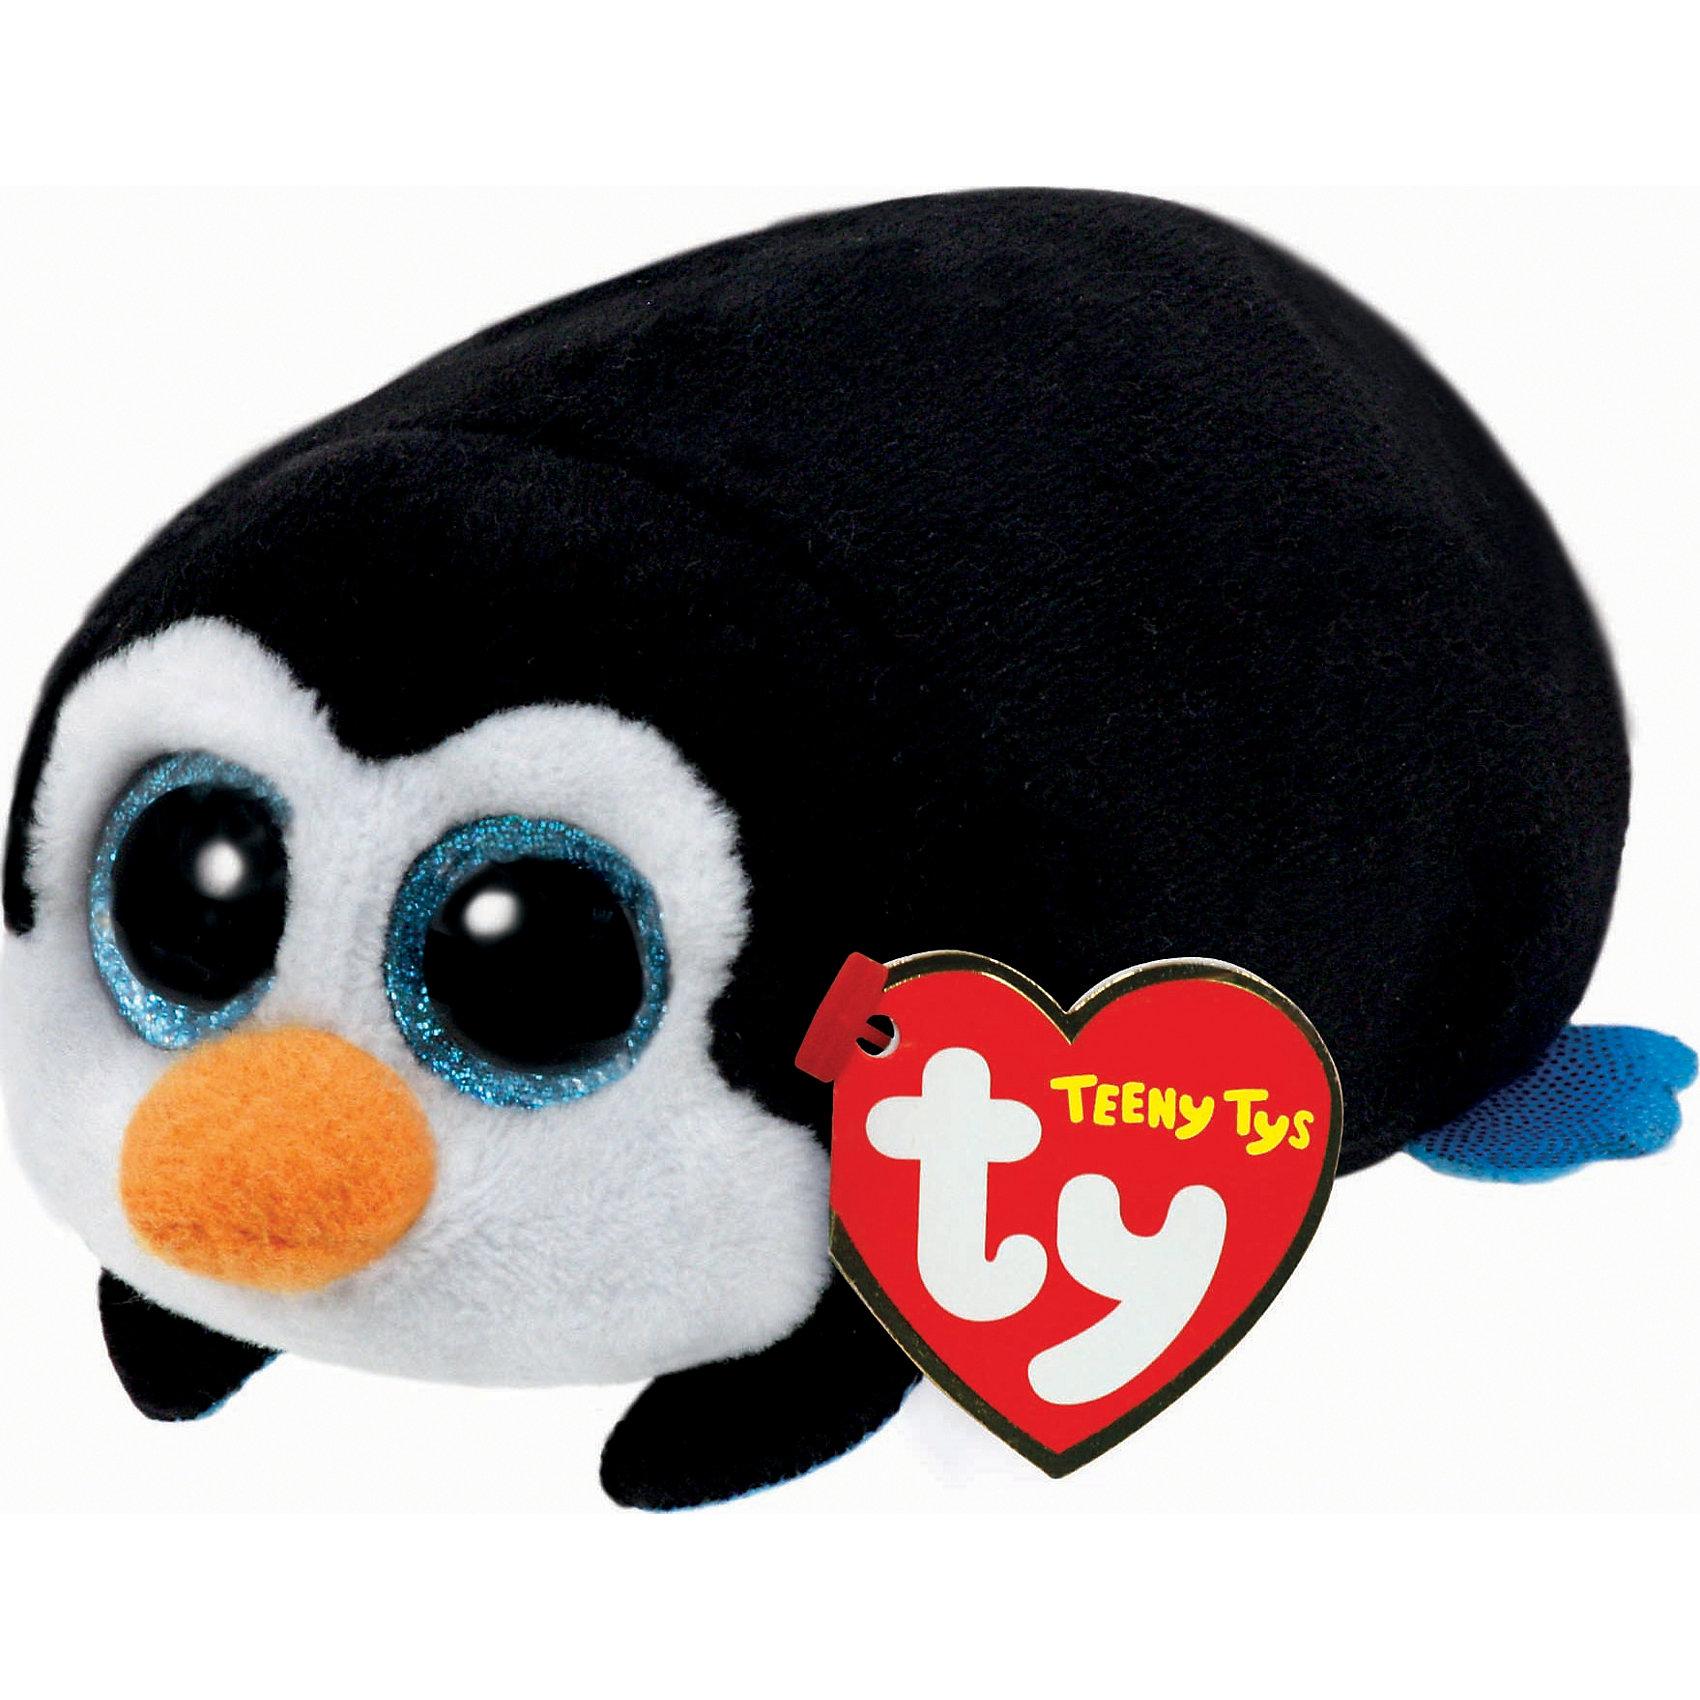 Мягкая игрушка Пингвин Pocket, 11 см, Teeny Tys, TyЗвери и птицы<br>Мягкая игрушка Пингвин Pocket, 11 см, Teeny Tys, Ty (Тай)<br><br>Характеристики:<br><br>• мягкий и приятный на ощупь<br>• внутри находятся специальные гранулы для развития тактильных навыков<br>• способствует развитию мелкой моторики<br>• удобно взять с собой<br>• материал: искусственный мех, текстиль, пластик<br>• изготовлена из безопасных материалов<br>• наполнитель: синтепон<br>• размер игрушки: 11 см<br><br>Пингвин Pocket станет для вашего ребенка верным другом в любой ситуации. Этот малыш имеет очень мягкую шерстку и большие сверкающие глазки. Перед таким милым взглядом не устоит ни один ребенок! Игрушка изготовлена из материалов, безопасных для ребенка. А внутри находятся специальные гранулы, помогающие в развитии моторики рук и тактильных ощущений.<br><br>Мягкую игрушку Пингвин Pocket, 11 см, Teeny Tys, Ty (Тай) можно купить в нашем интернет-магазине.<br><br>Ширина мм: 55<br>Глубина мм: 100<br>Высота мм: 45<br>Вес г: 42<br>Возраст от месяцев: 12<br>Возраст до месяцев: 72<br>Пол: Женский<br>Возраст: Детский<br>SKU: 4787359